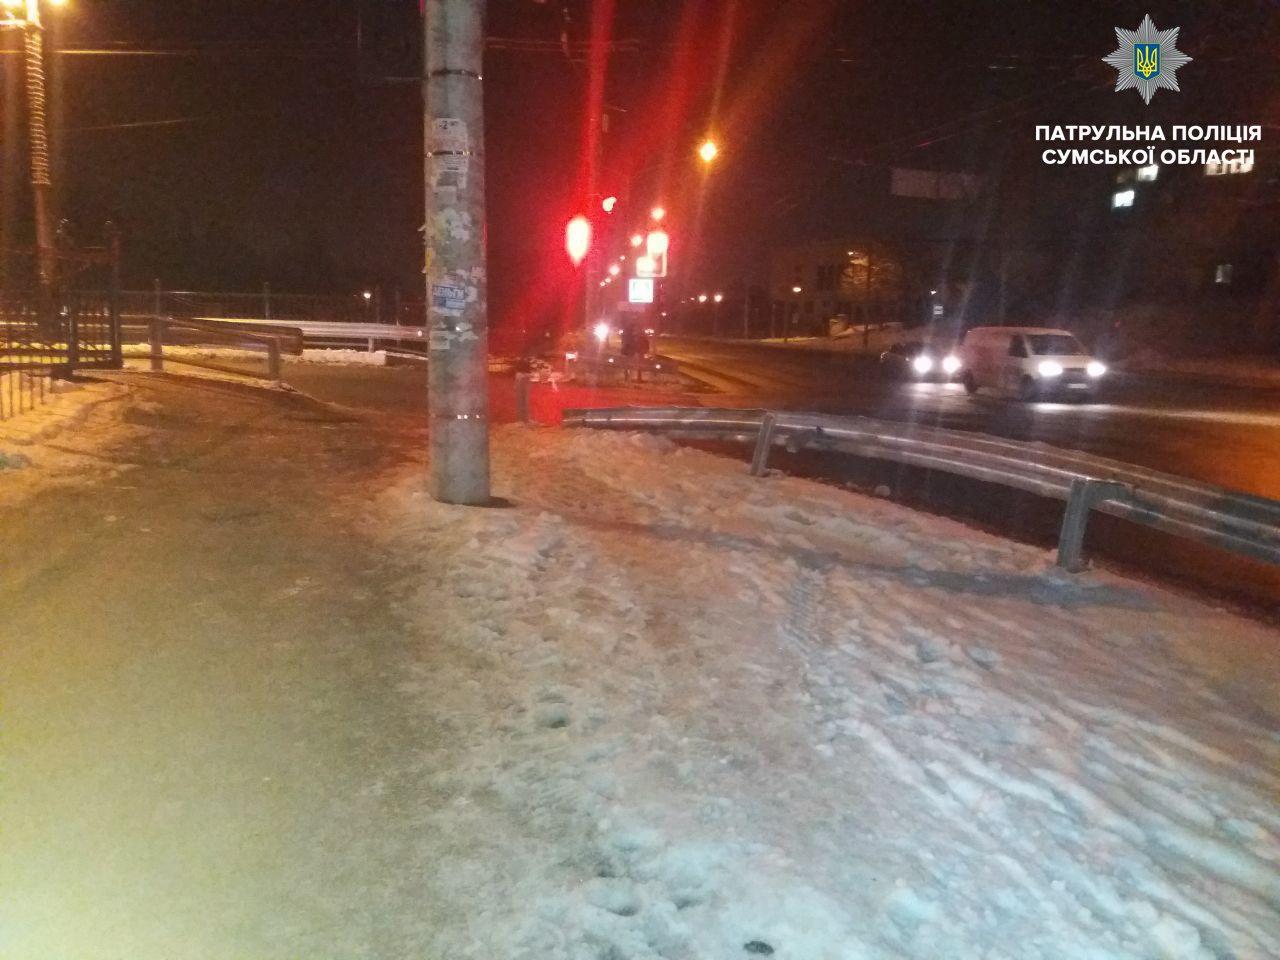 В Сумах водитель Руты совершил ДТП и скрылся , фото-2